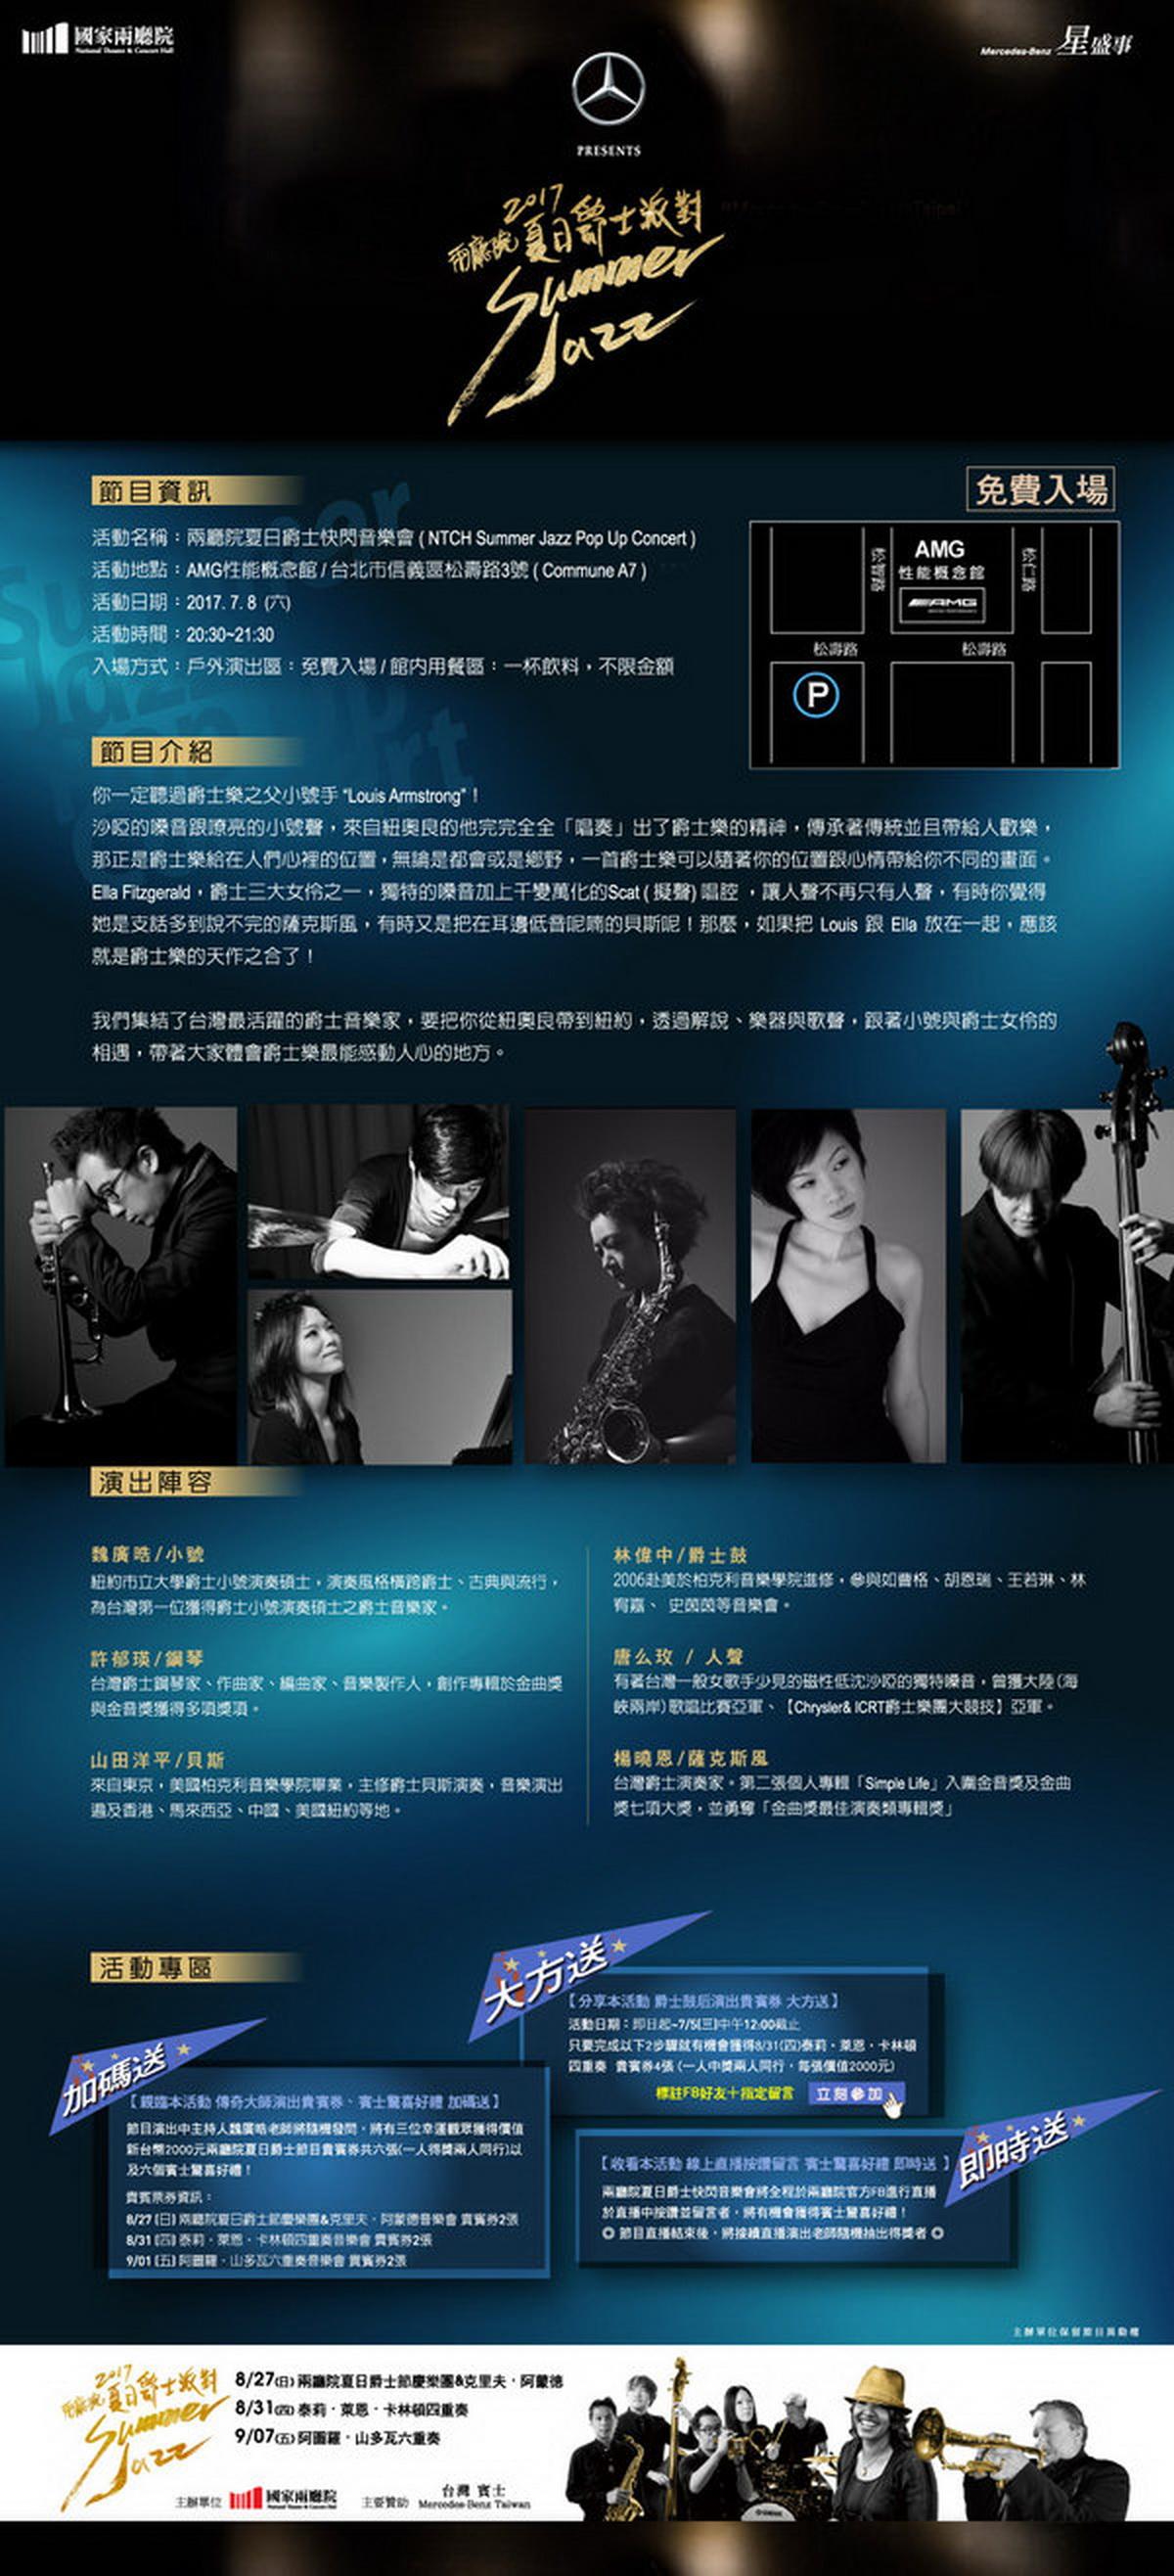 台灣賓士攜手兩廳院在7月8日將於 #AMGPopUpTaipei 性能概念館舉行兩廳院夏日爵士快閃音樂會,完美傳遞「Driving Performance」品牌精神.jpg